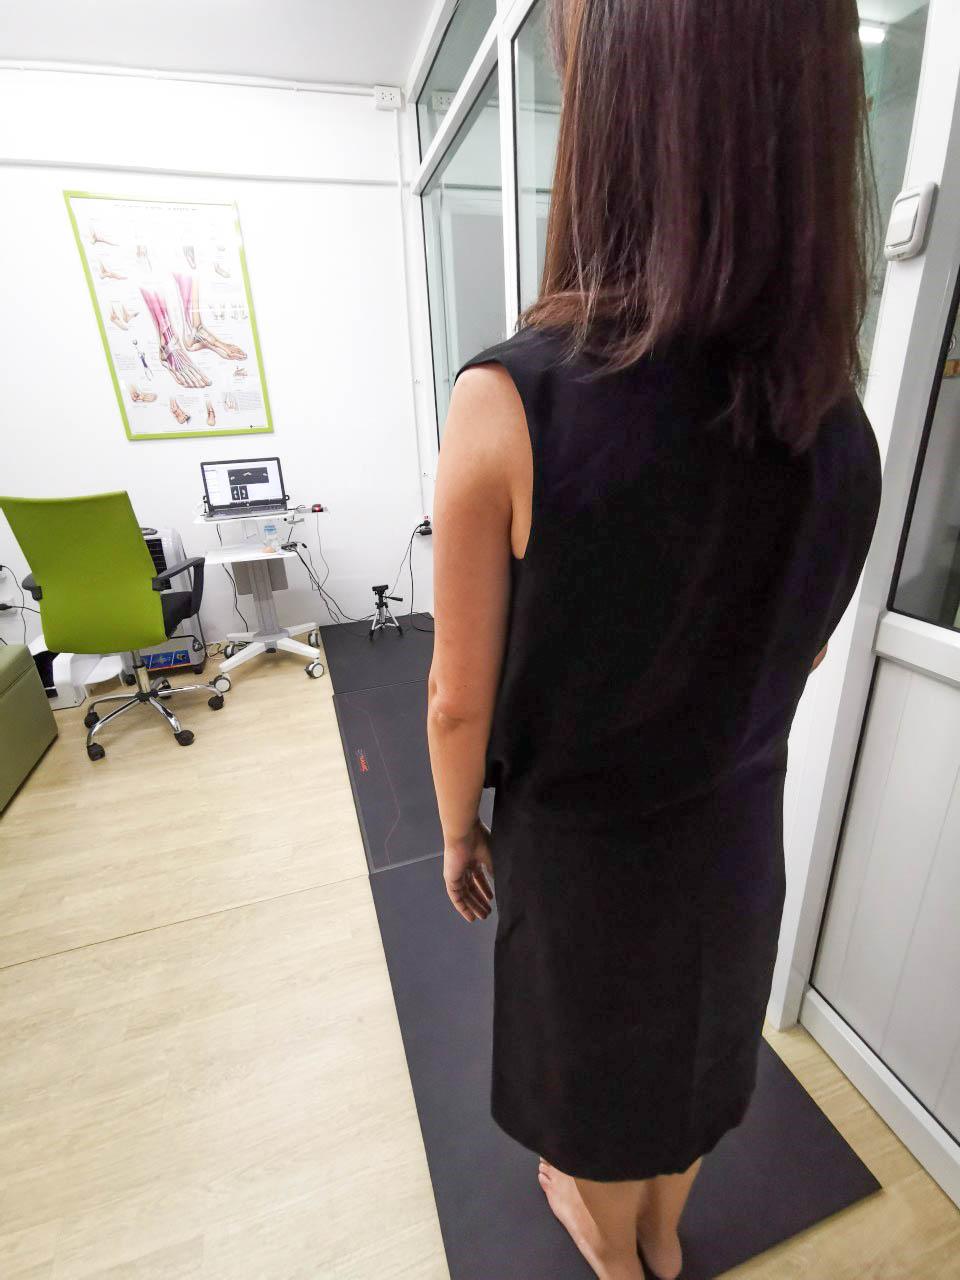 Foot Pressure Sensor in Motion